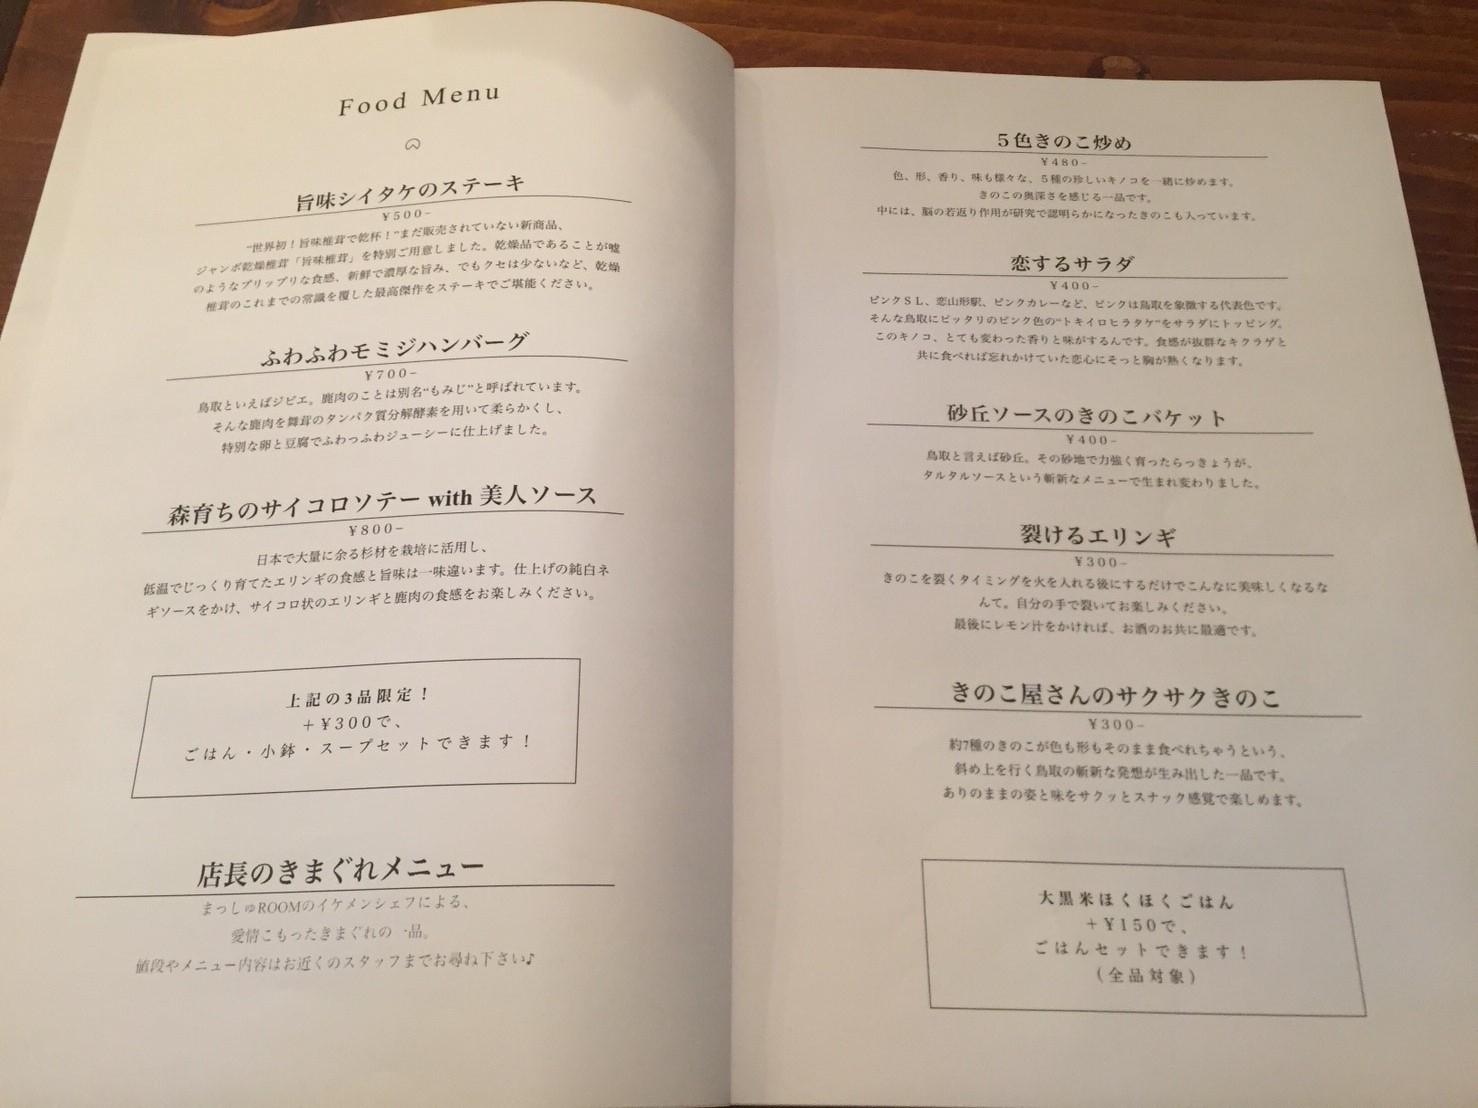 Tottoriカルマ   まっしゅROOM_e0115904_17520206.jpg